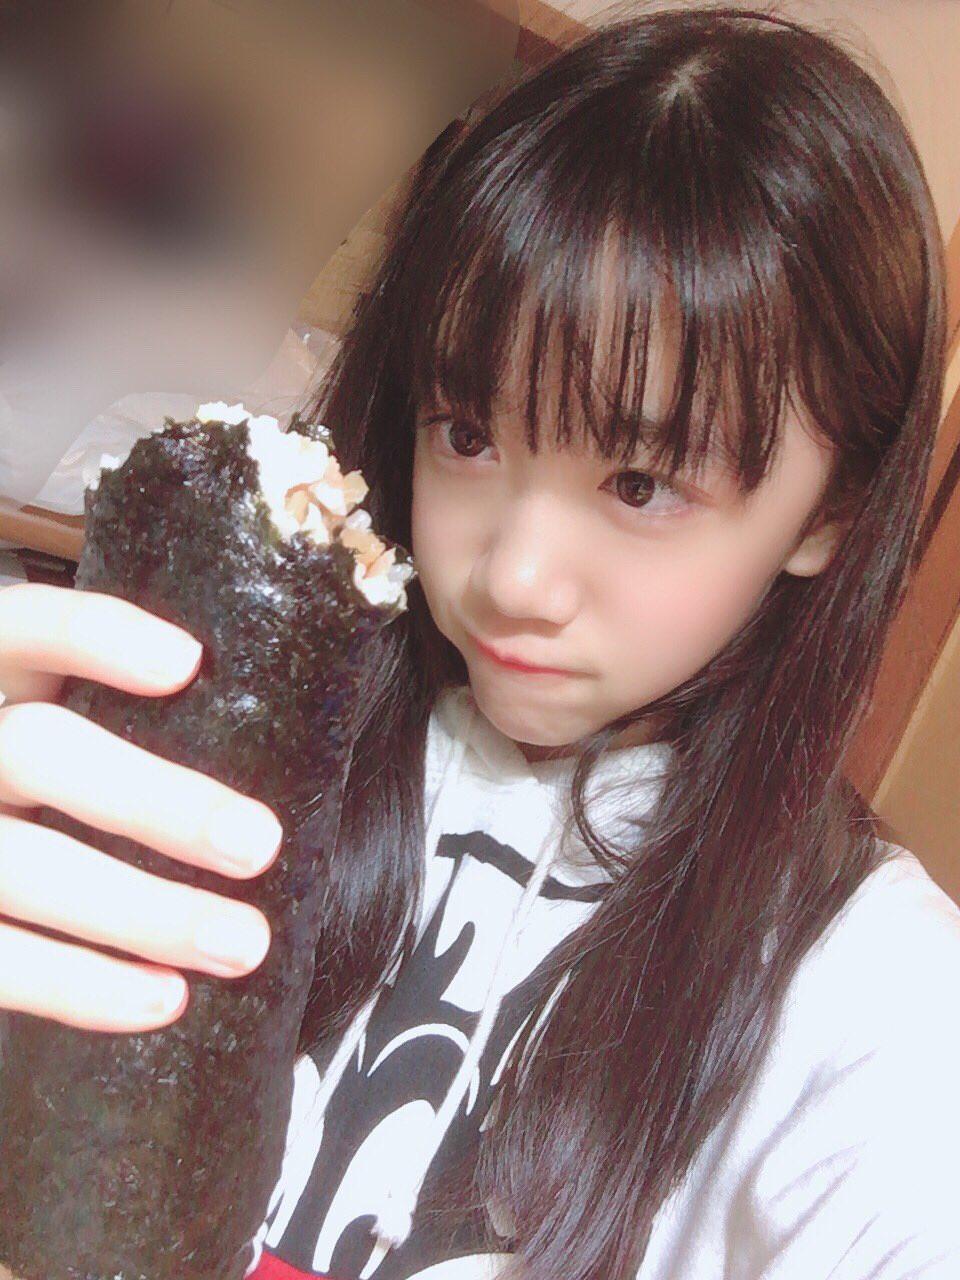 又长又黑的惠方卷-美女吃惠方卷的浮想联翩-星宫动漫